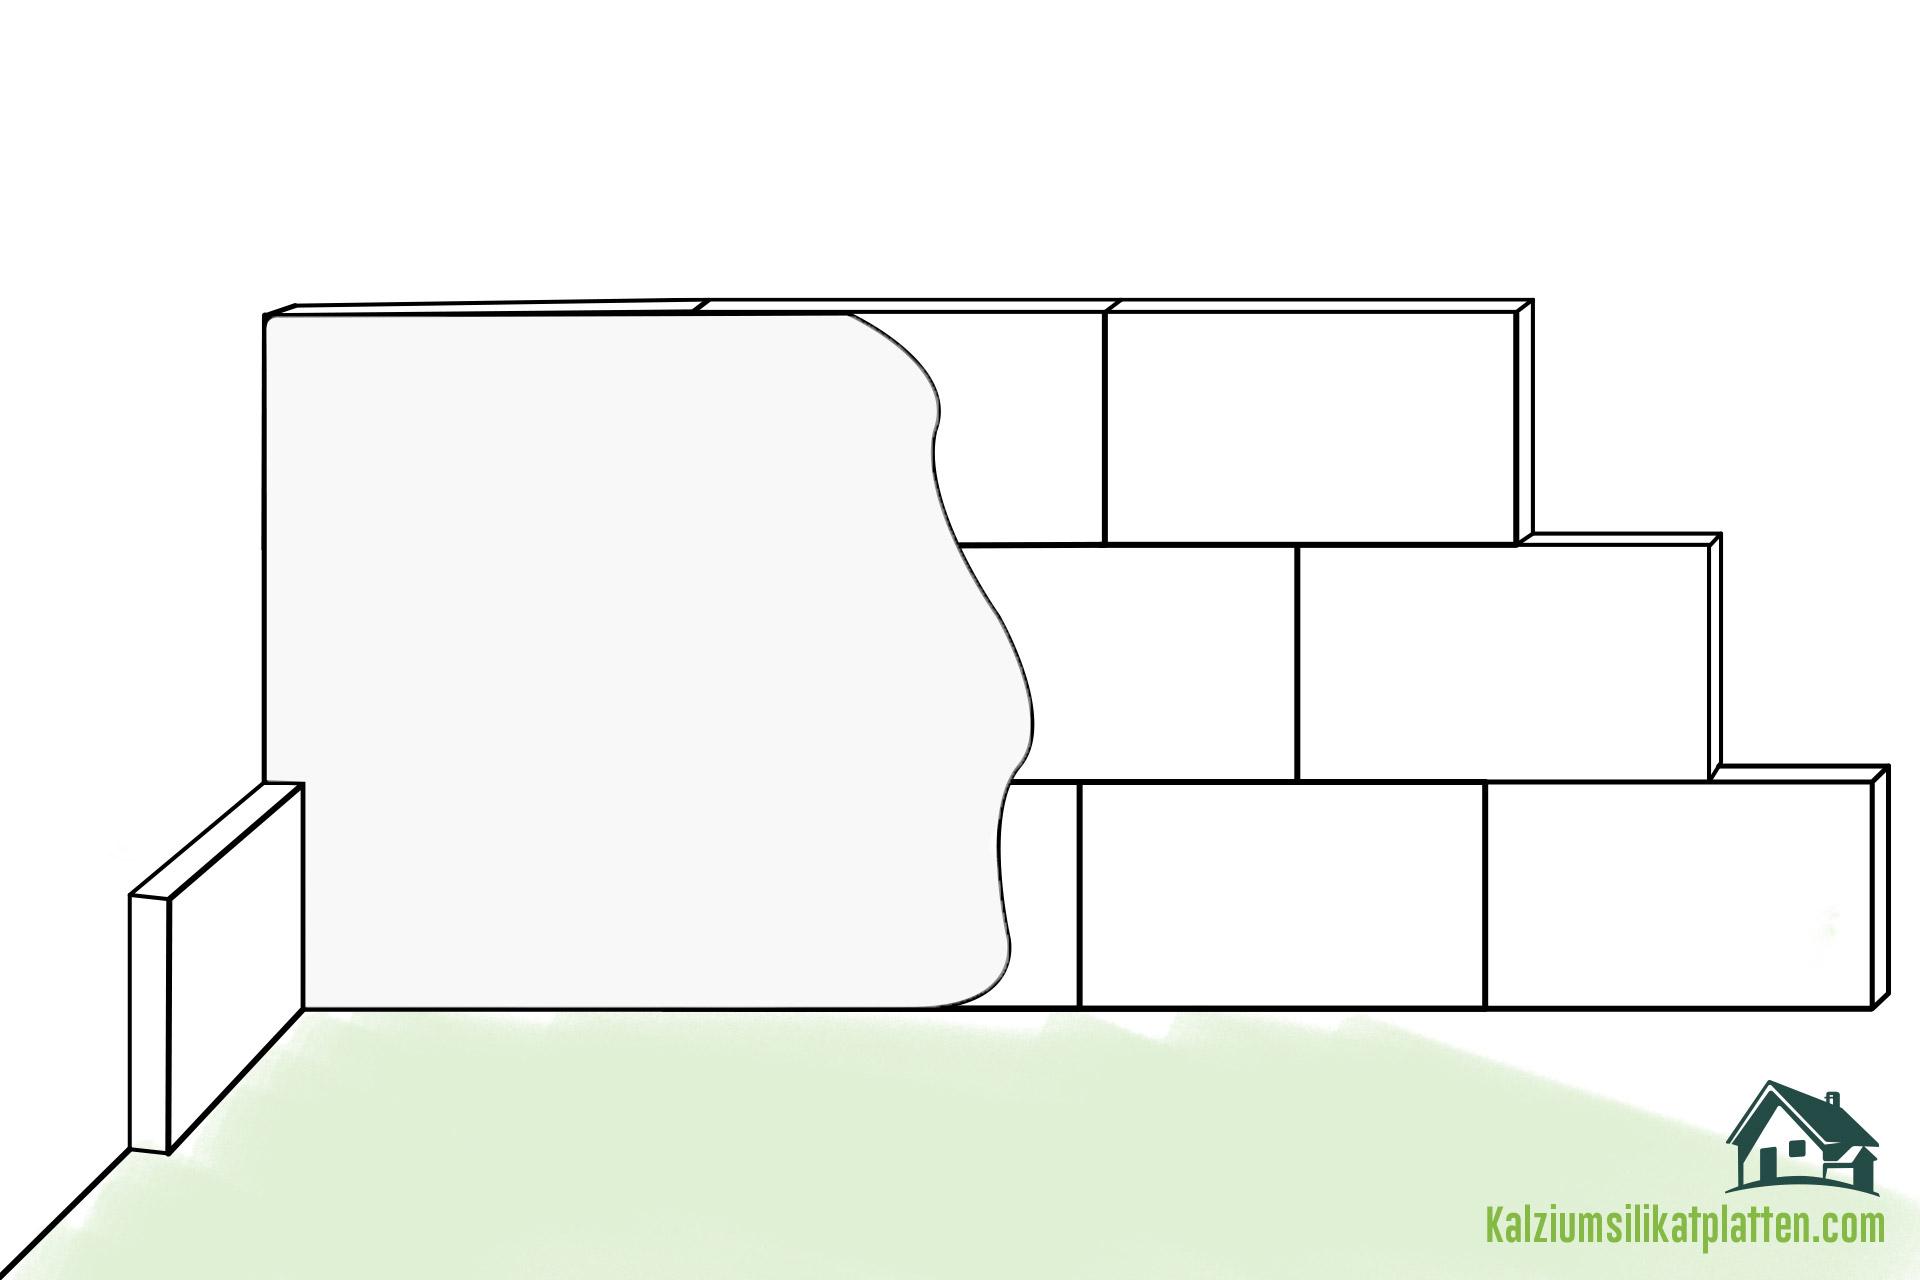 Anleitung zur Verarbeitung von Kalziumsilikatplatten: Kalkspachtel / Glätte als Oberputz aufziehen